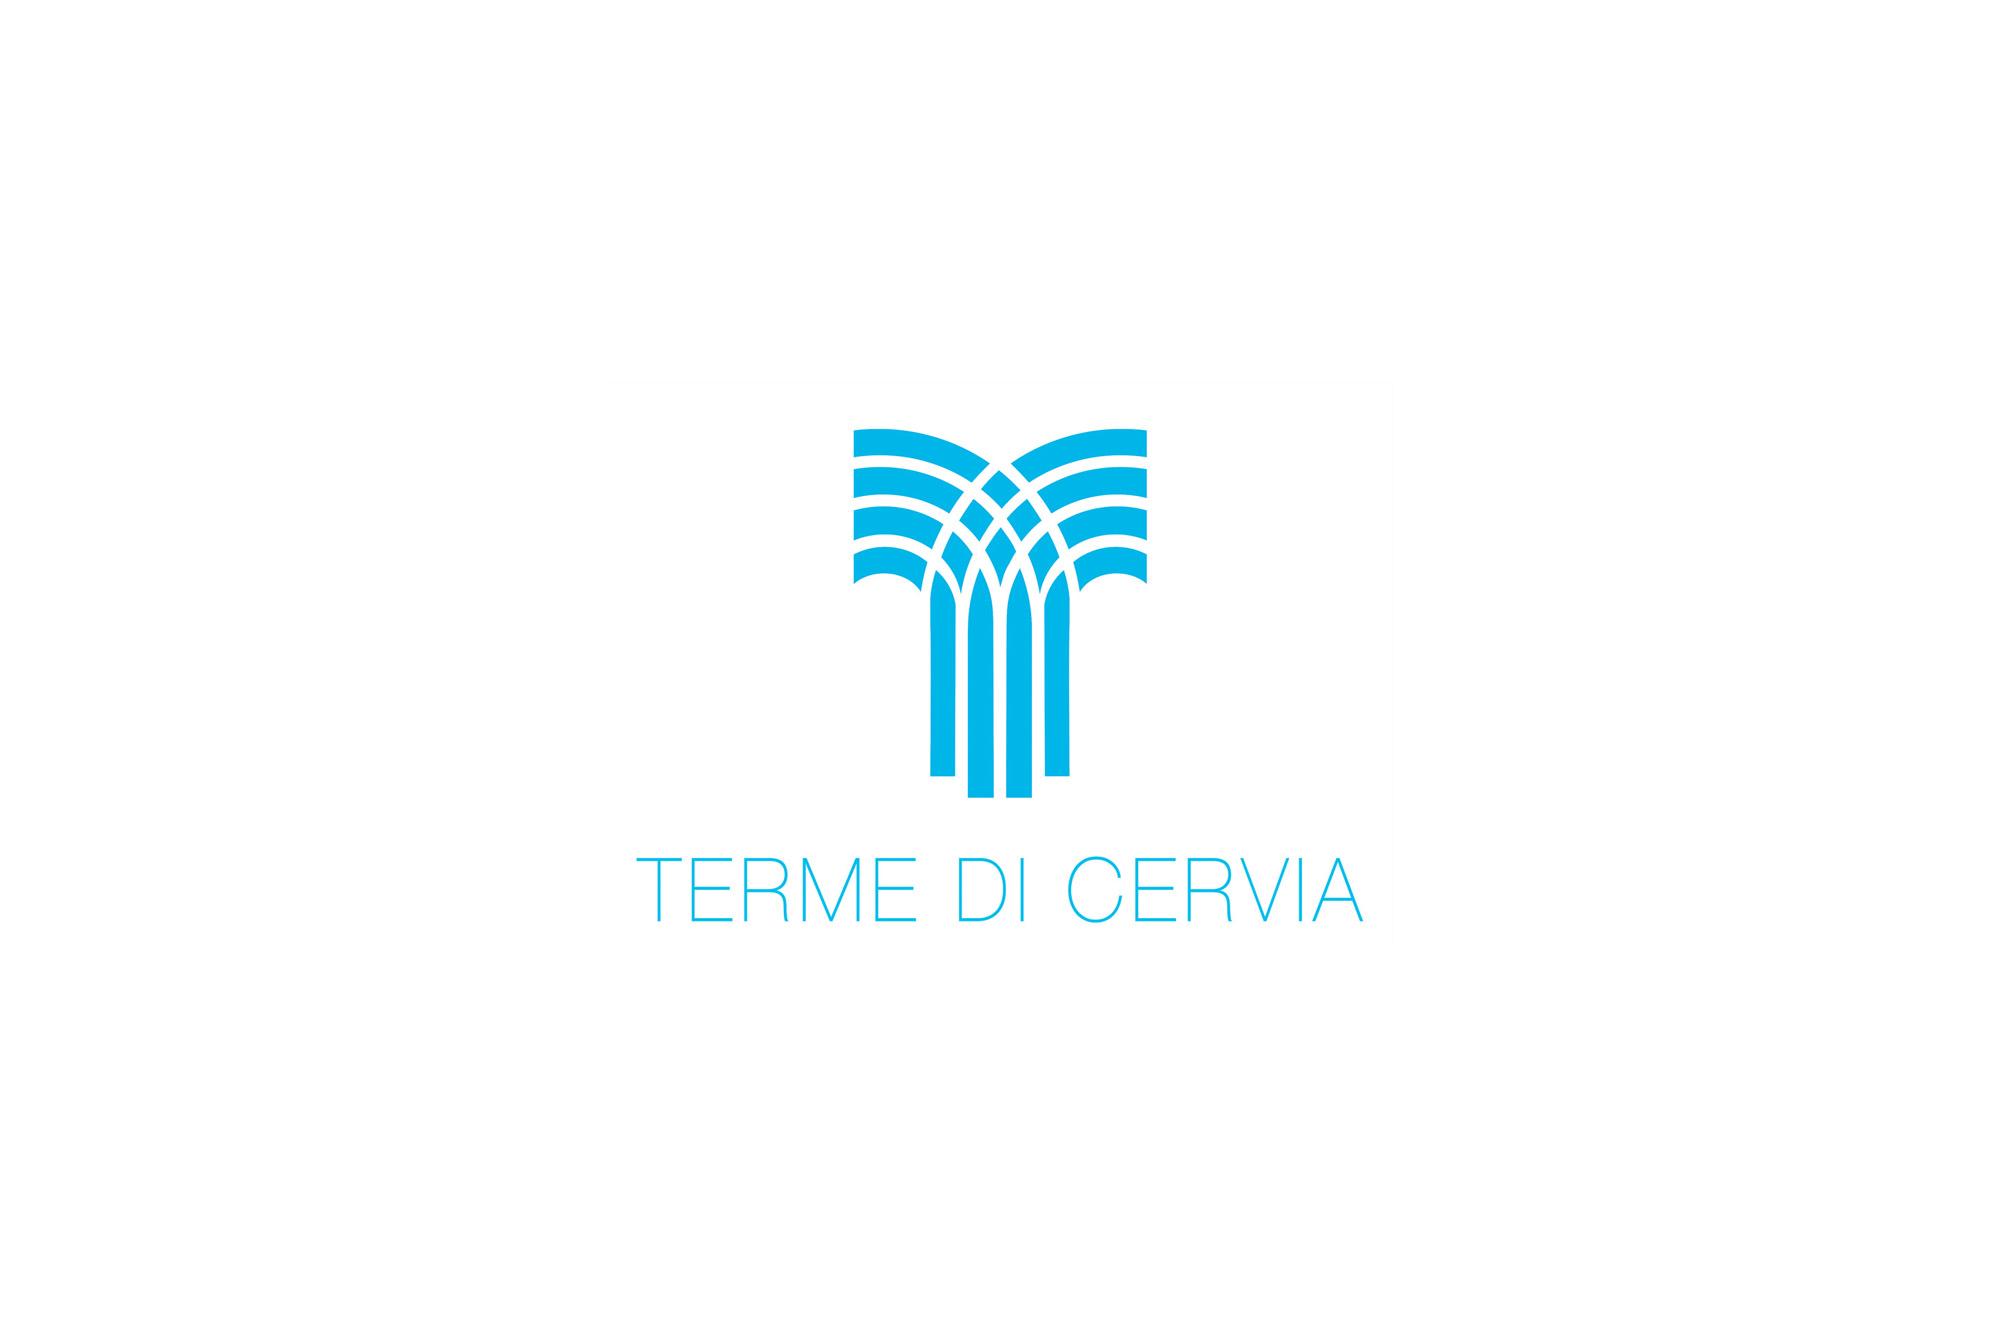 Terme-Cervia-Logo-copia